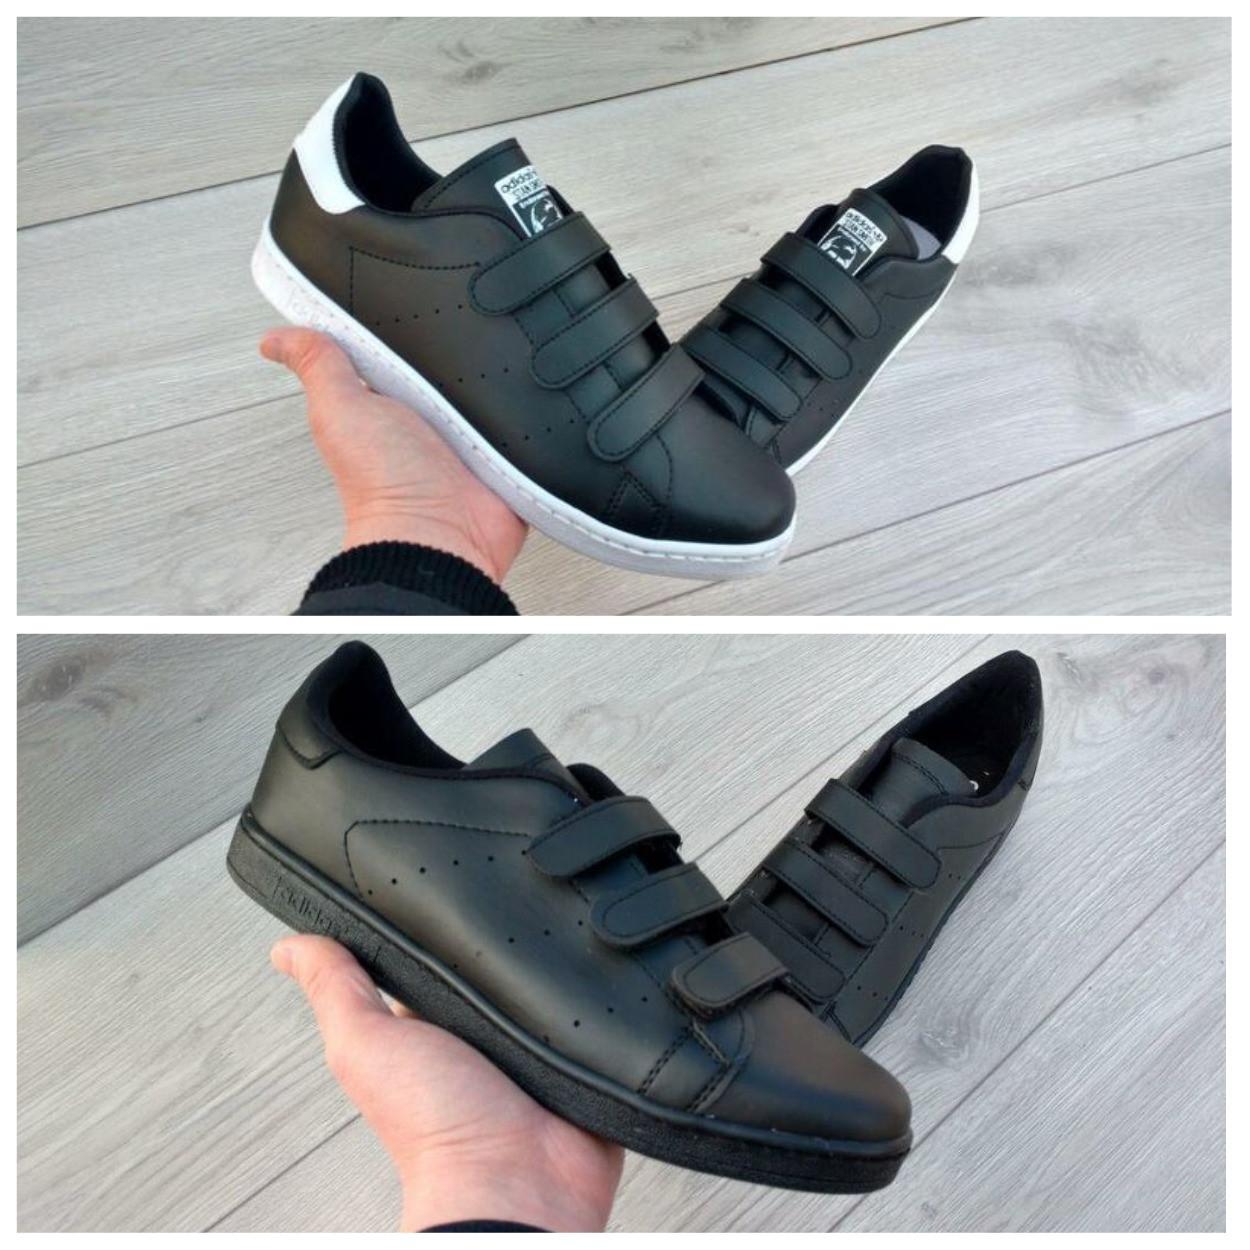 801ee185 РАСПРОДАЖА! Мужские кроссовки кеды Adidas Stan Smith на липучках черные -  Интернет-магазин обуви